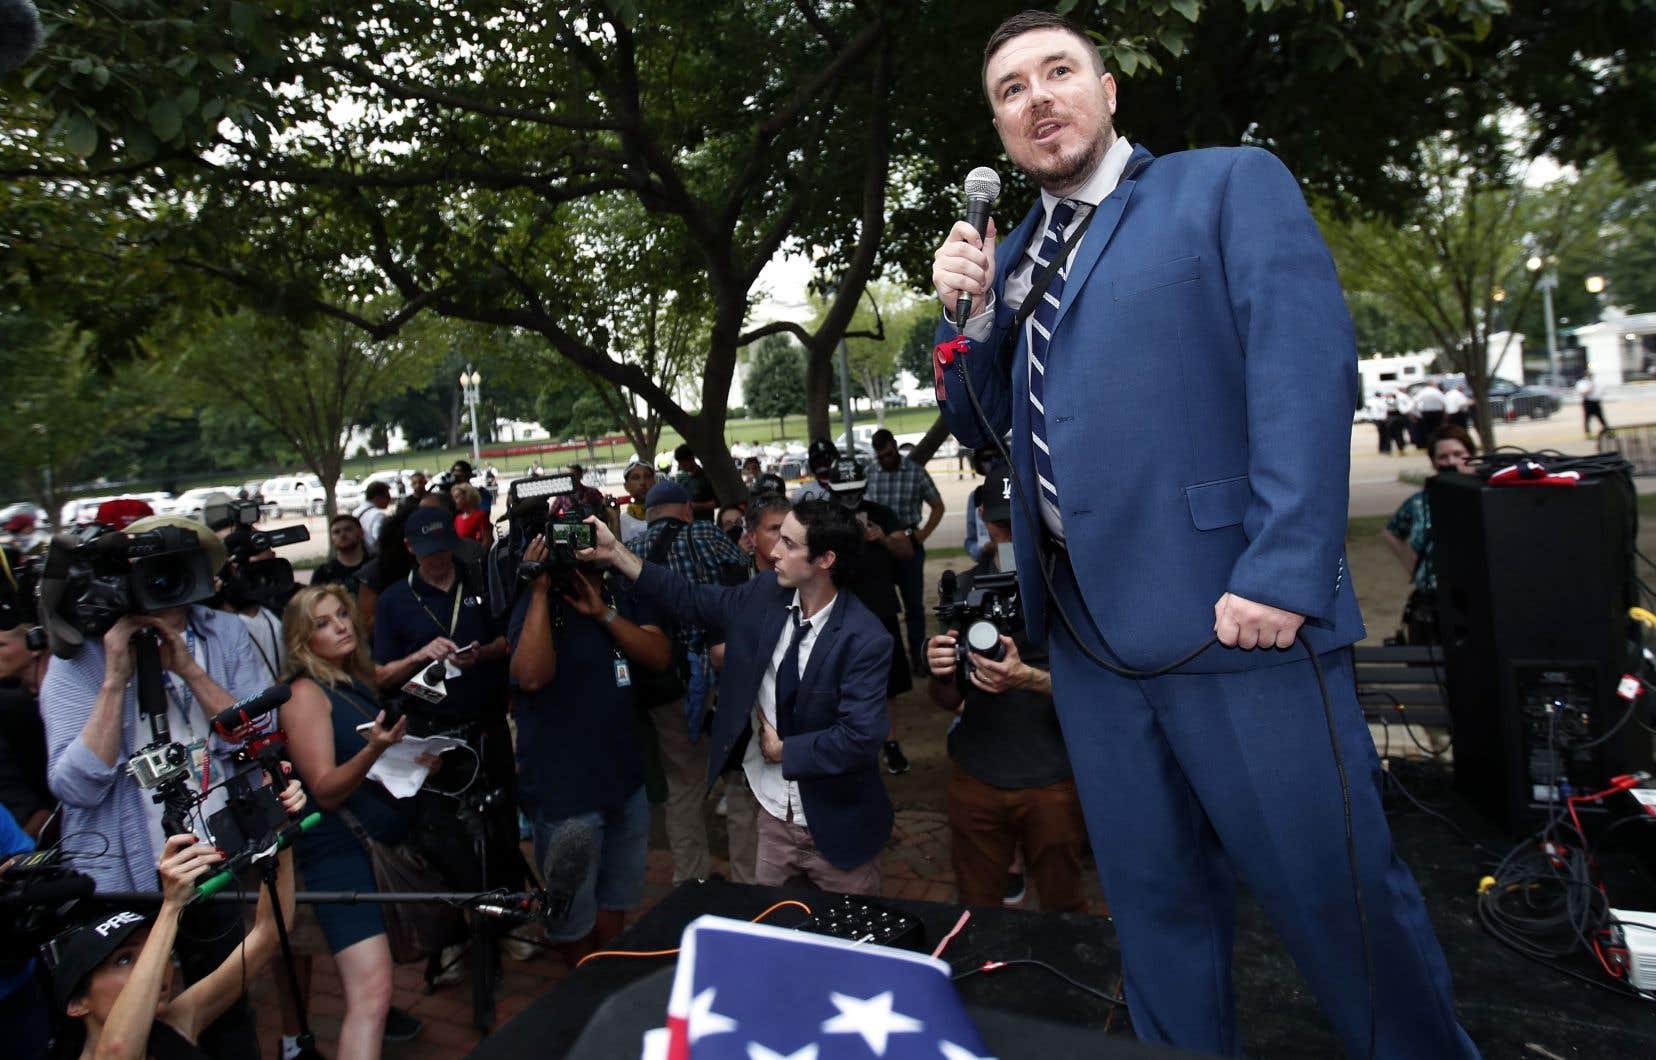 L'organisateur de l'événement, Jason Kessler, s'adresse aux médias et à une vingtaine de sympathisants de la droite nationaliste.